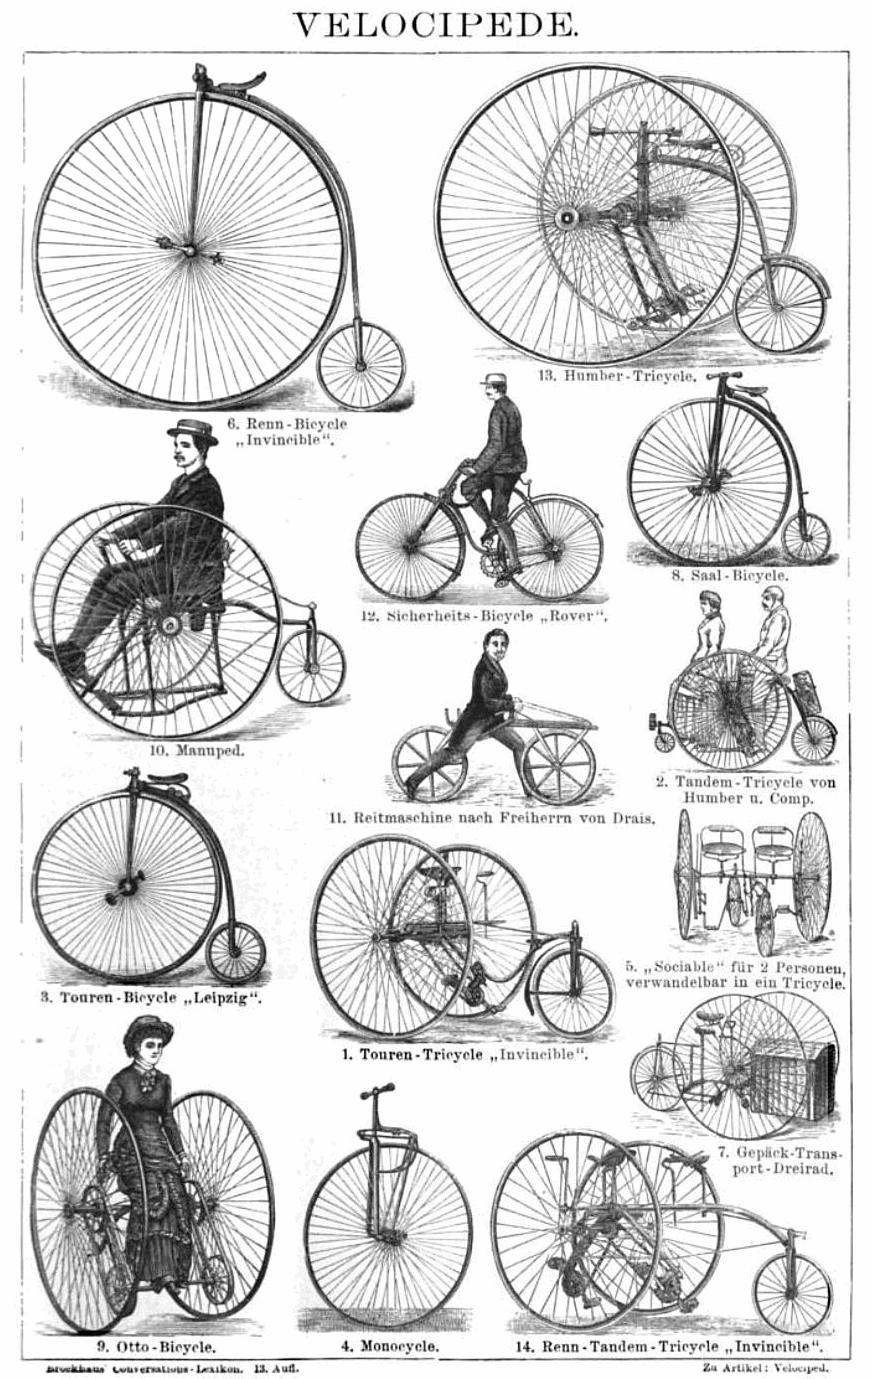 Disegno di velocipedi in un'enciclopedia tedesca del 1887